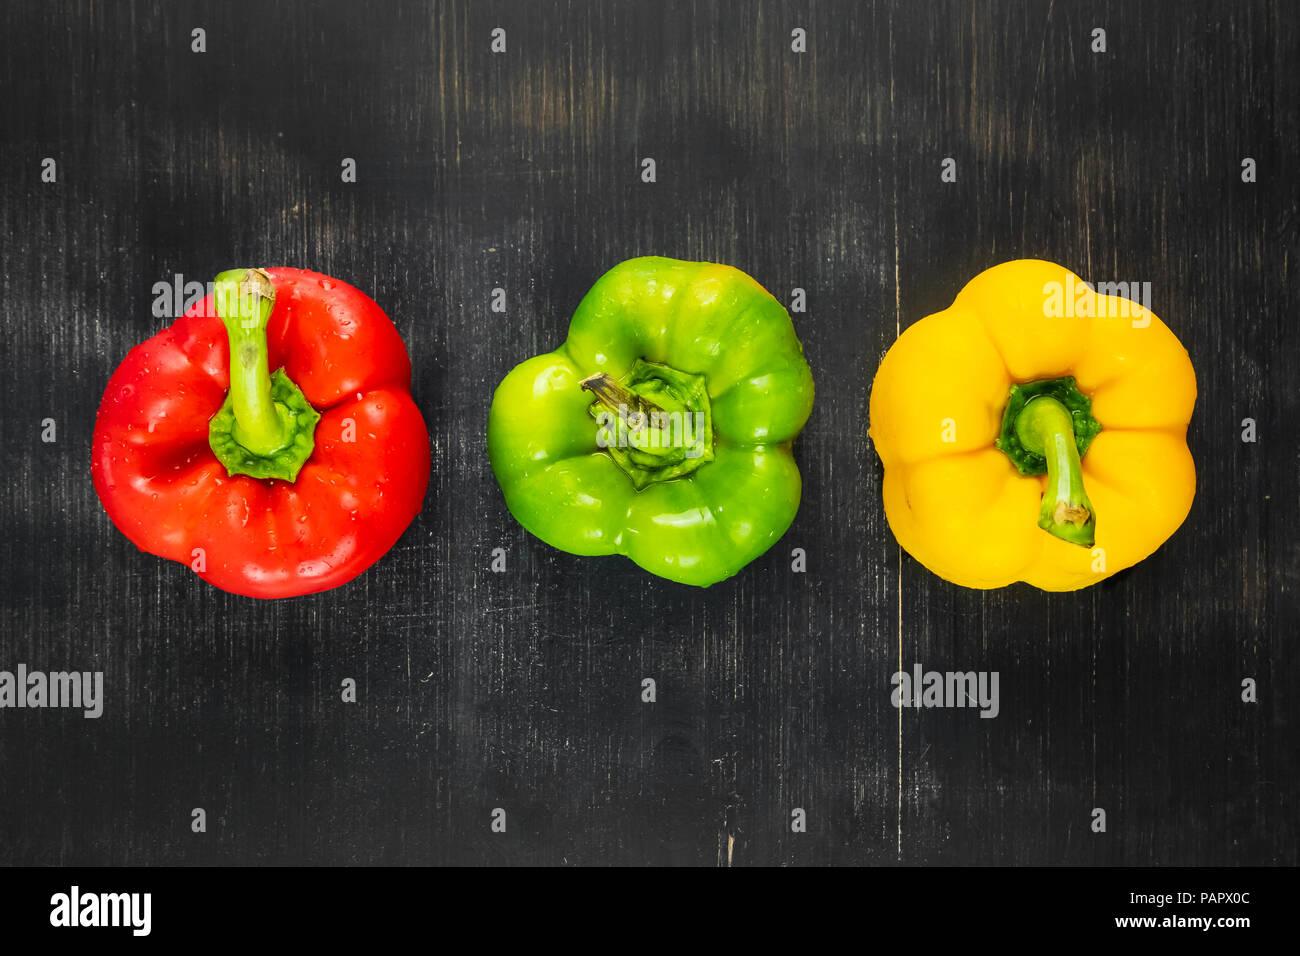 Blick von oben auf die drei frische helle Paprika auf schwarzem Hintergrund im Landhausstil. Von oben von grünen, gelben und roten Paprika Gemüse auf dunklem Holz Tisch Schuß Stockbild